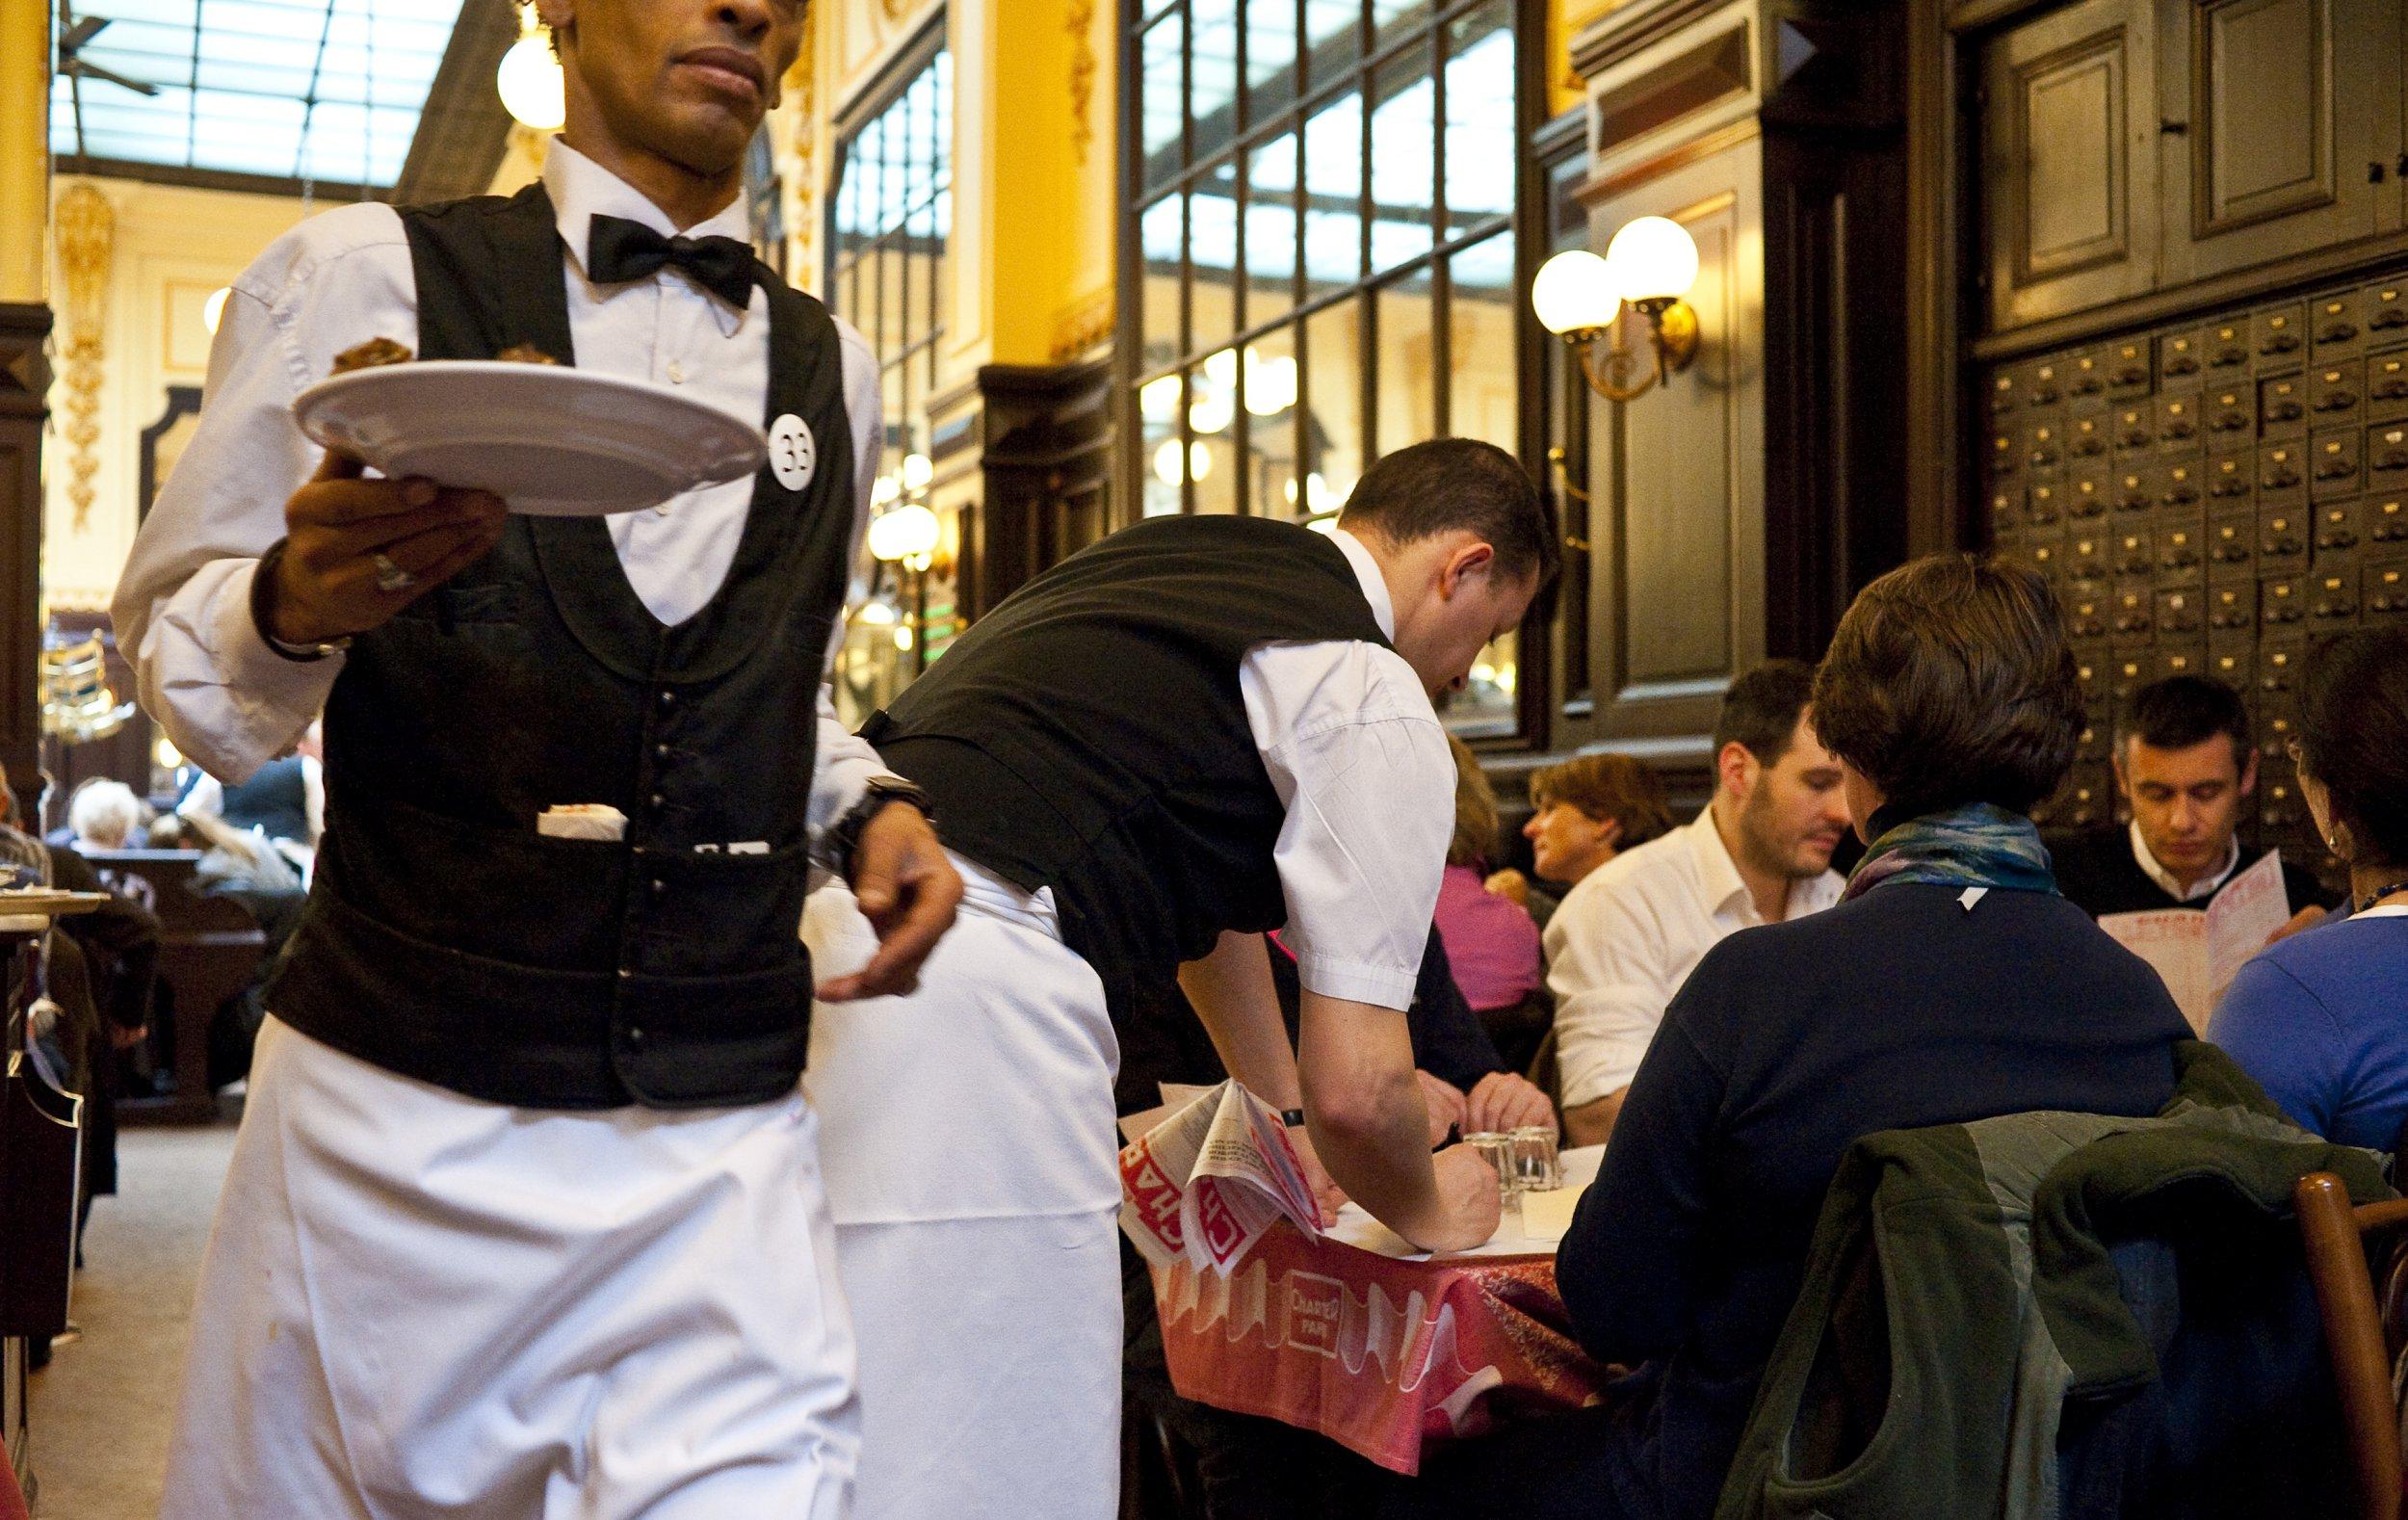 France, Paris (75), restaurant Chartier au 7 rue du Faubourg-Montmartre // France, Paris, Chartier Restaurant in 7 Rue du Faubourg Montmartre